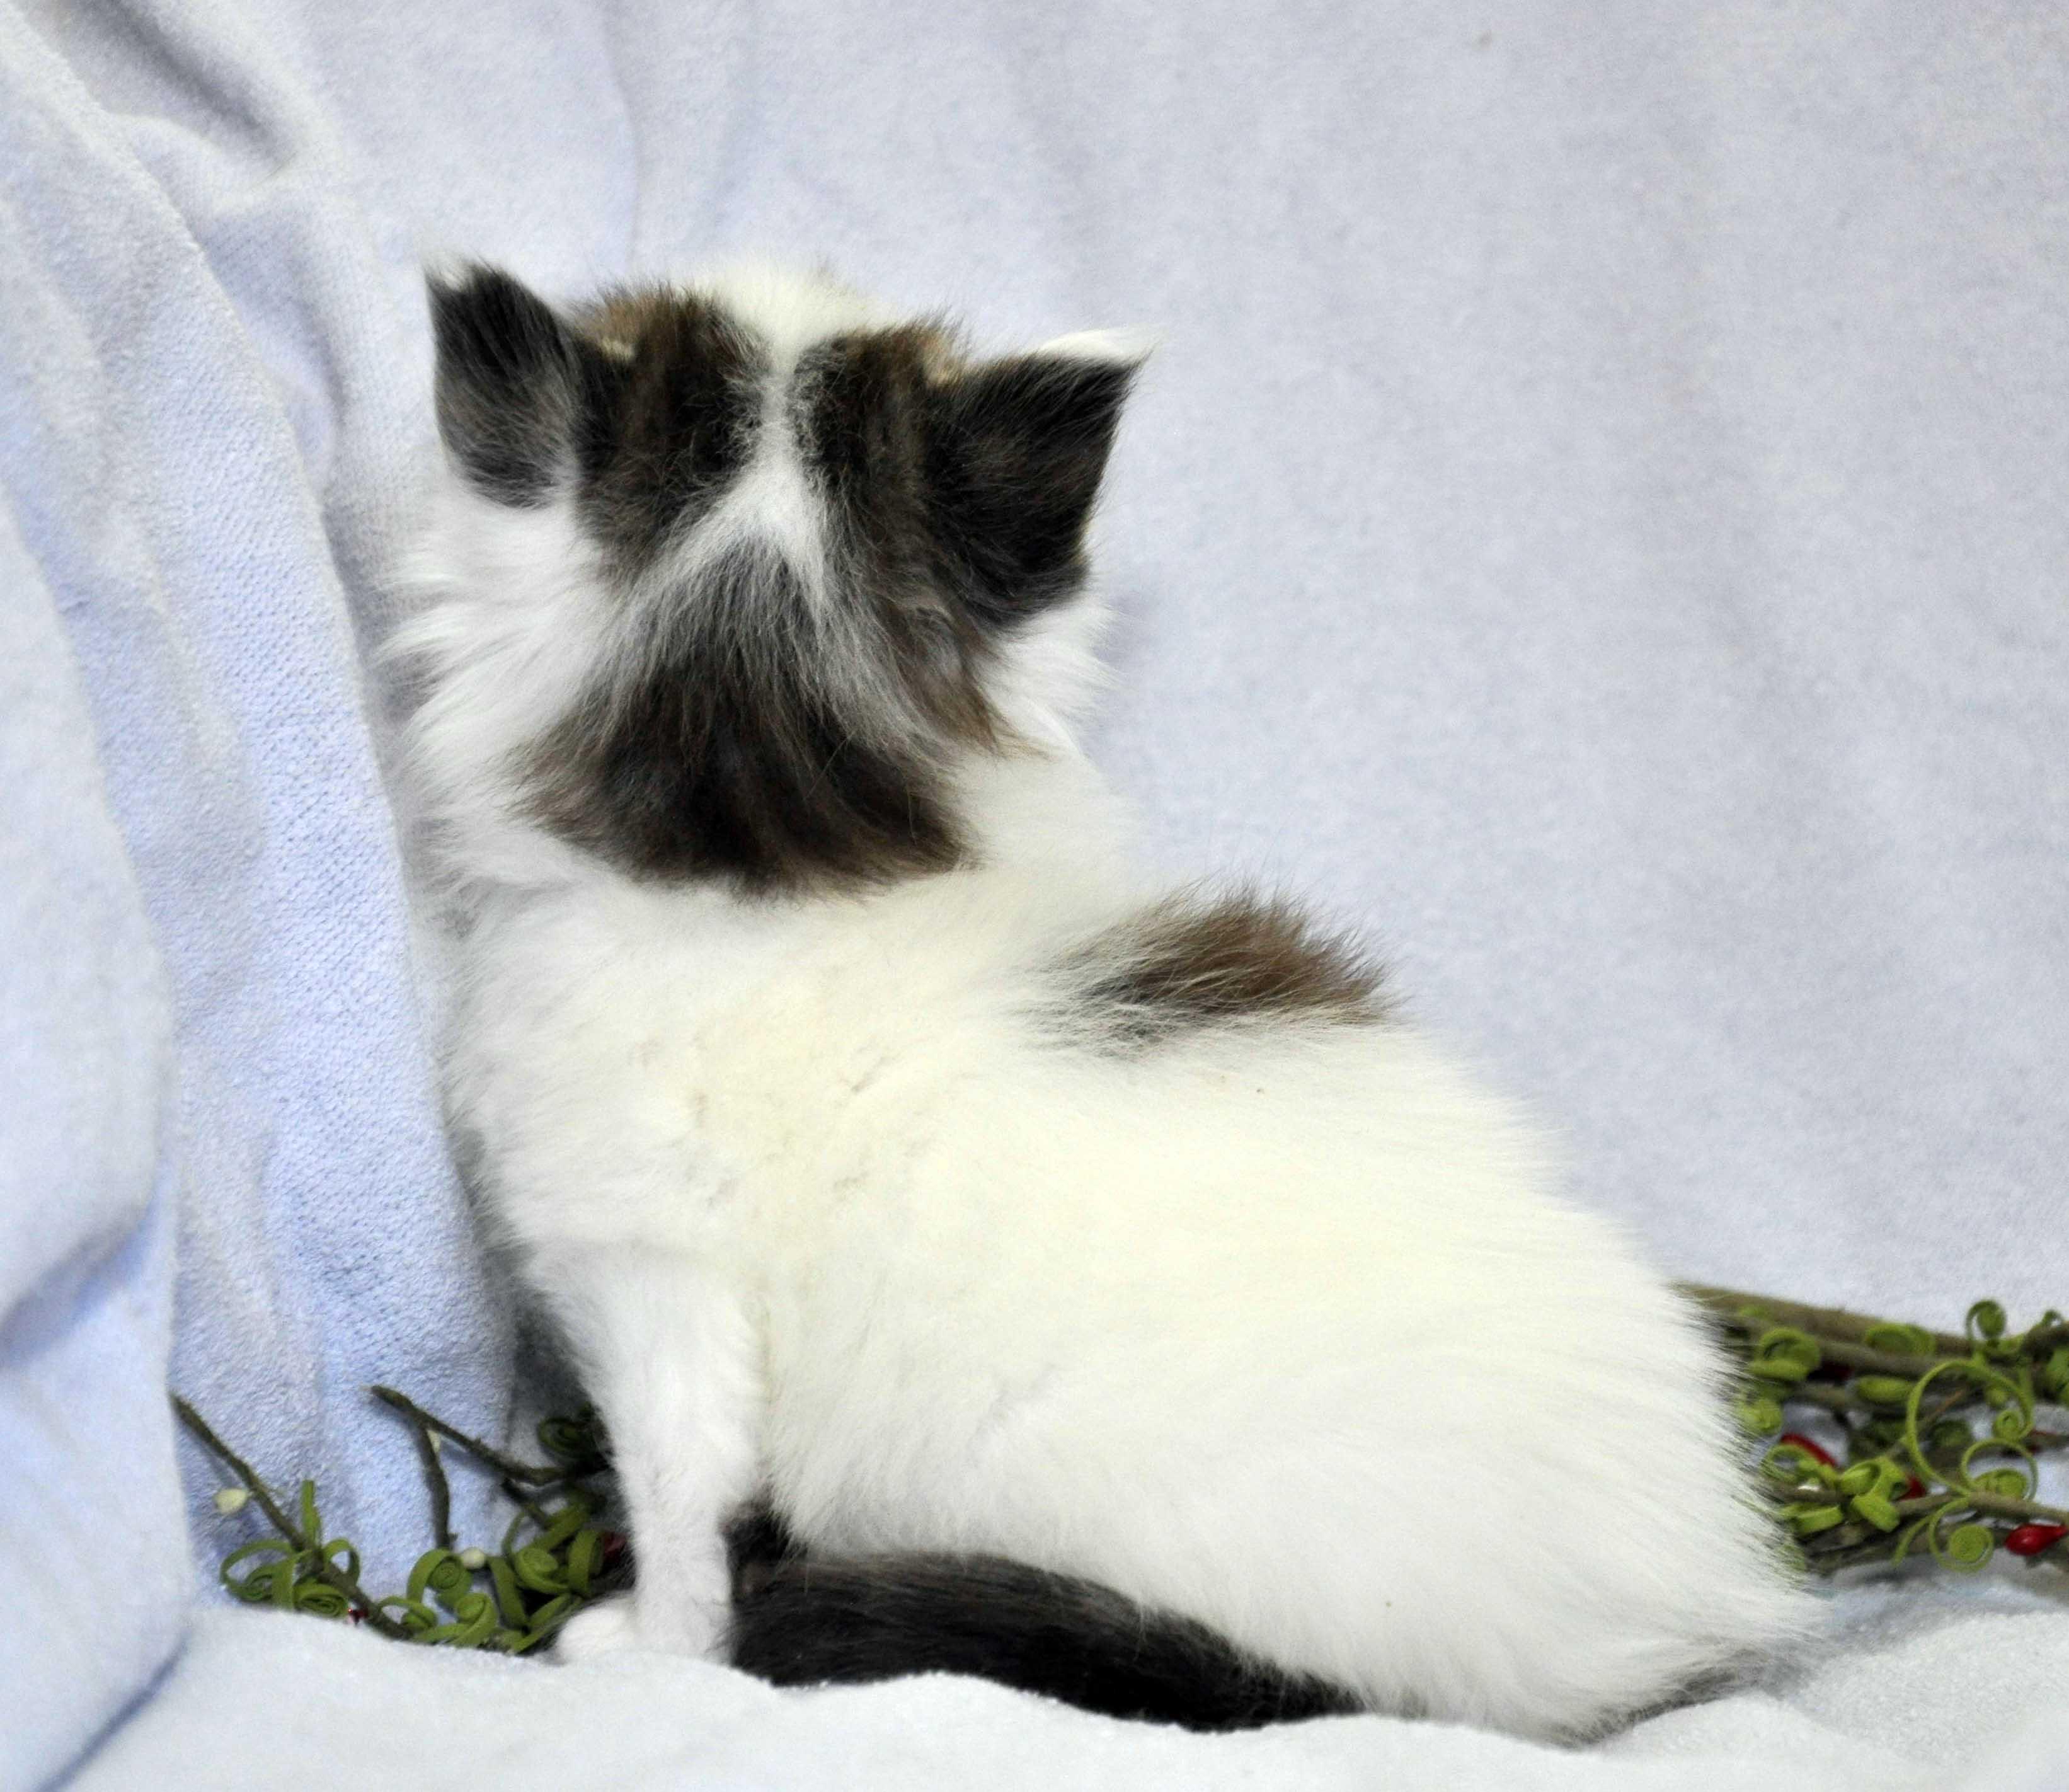 Кот Мейн Кун 1 (male) Eyktan TYSON 110418 фото 4